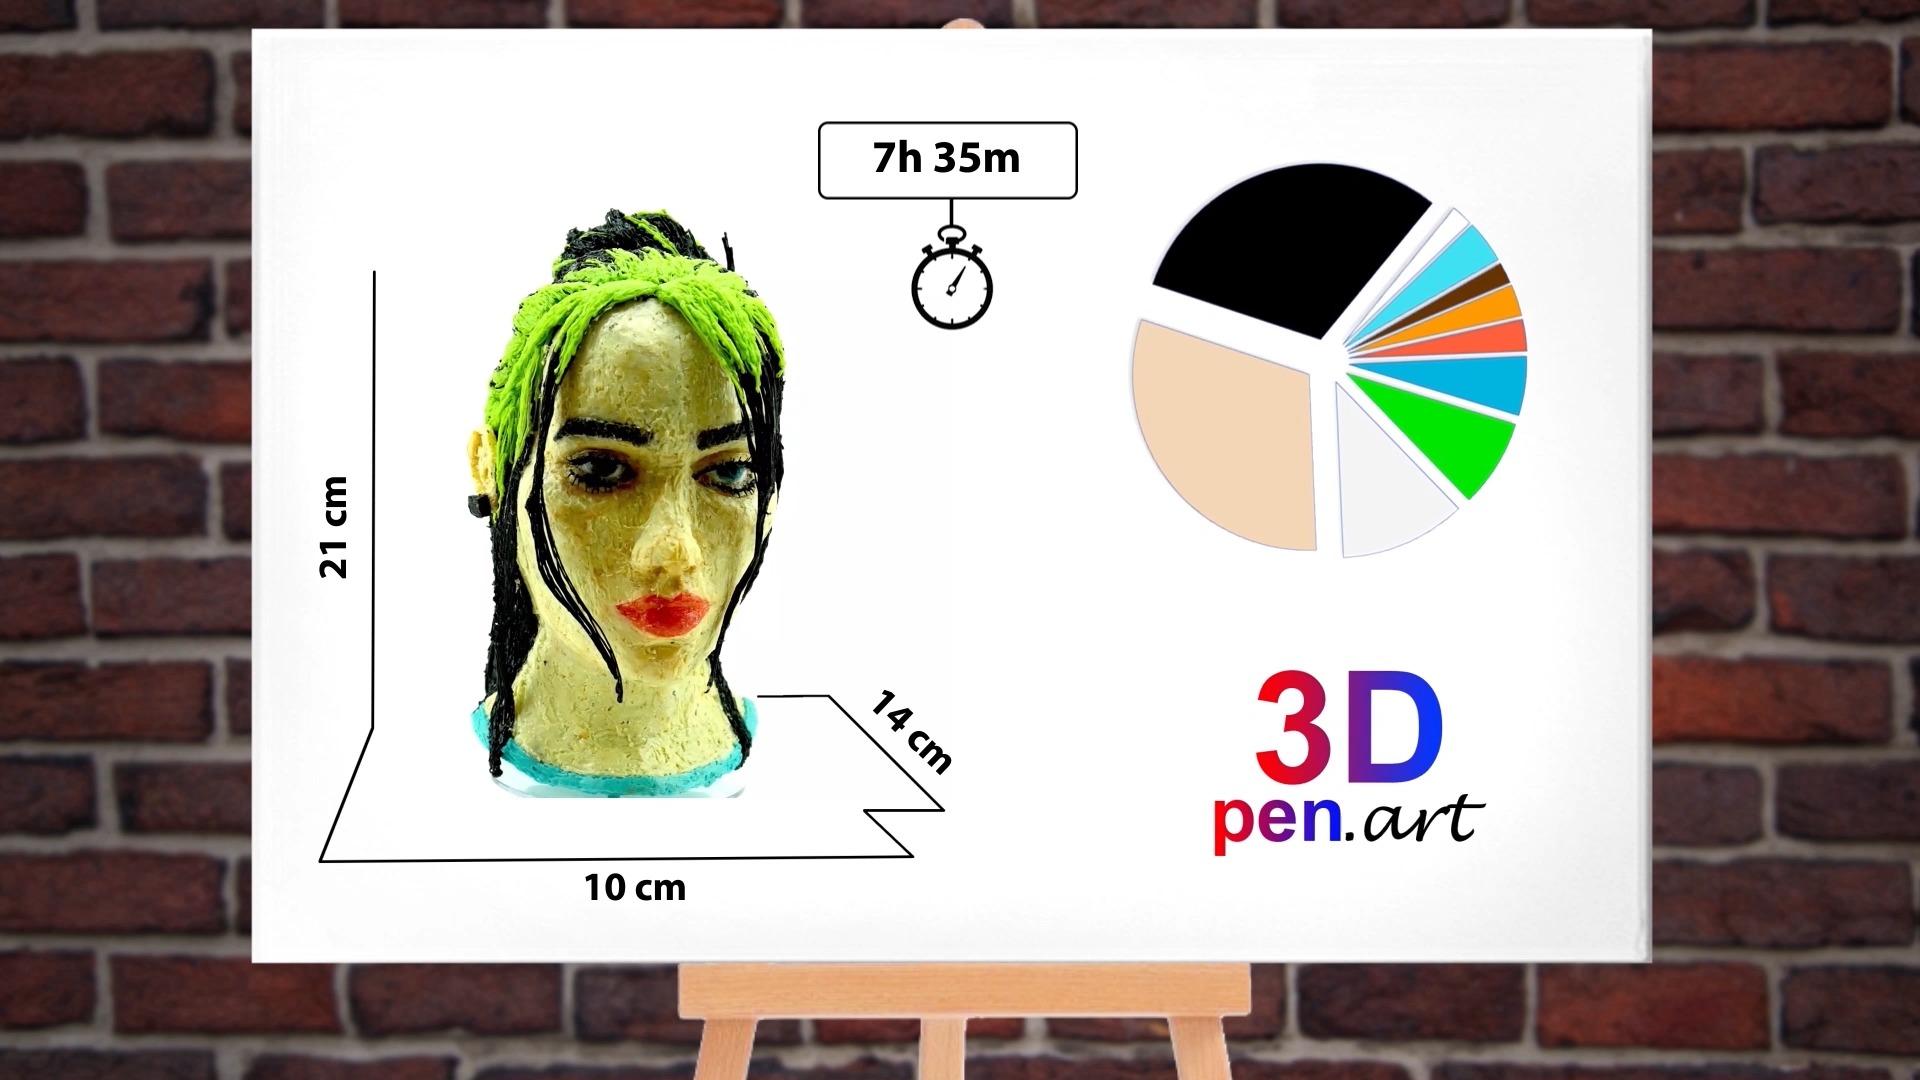 Билли Айлиш 3D ручкой. Инфографика